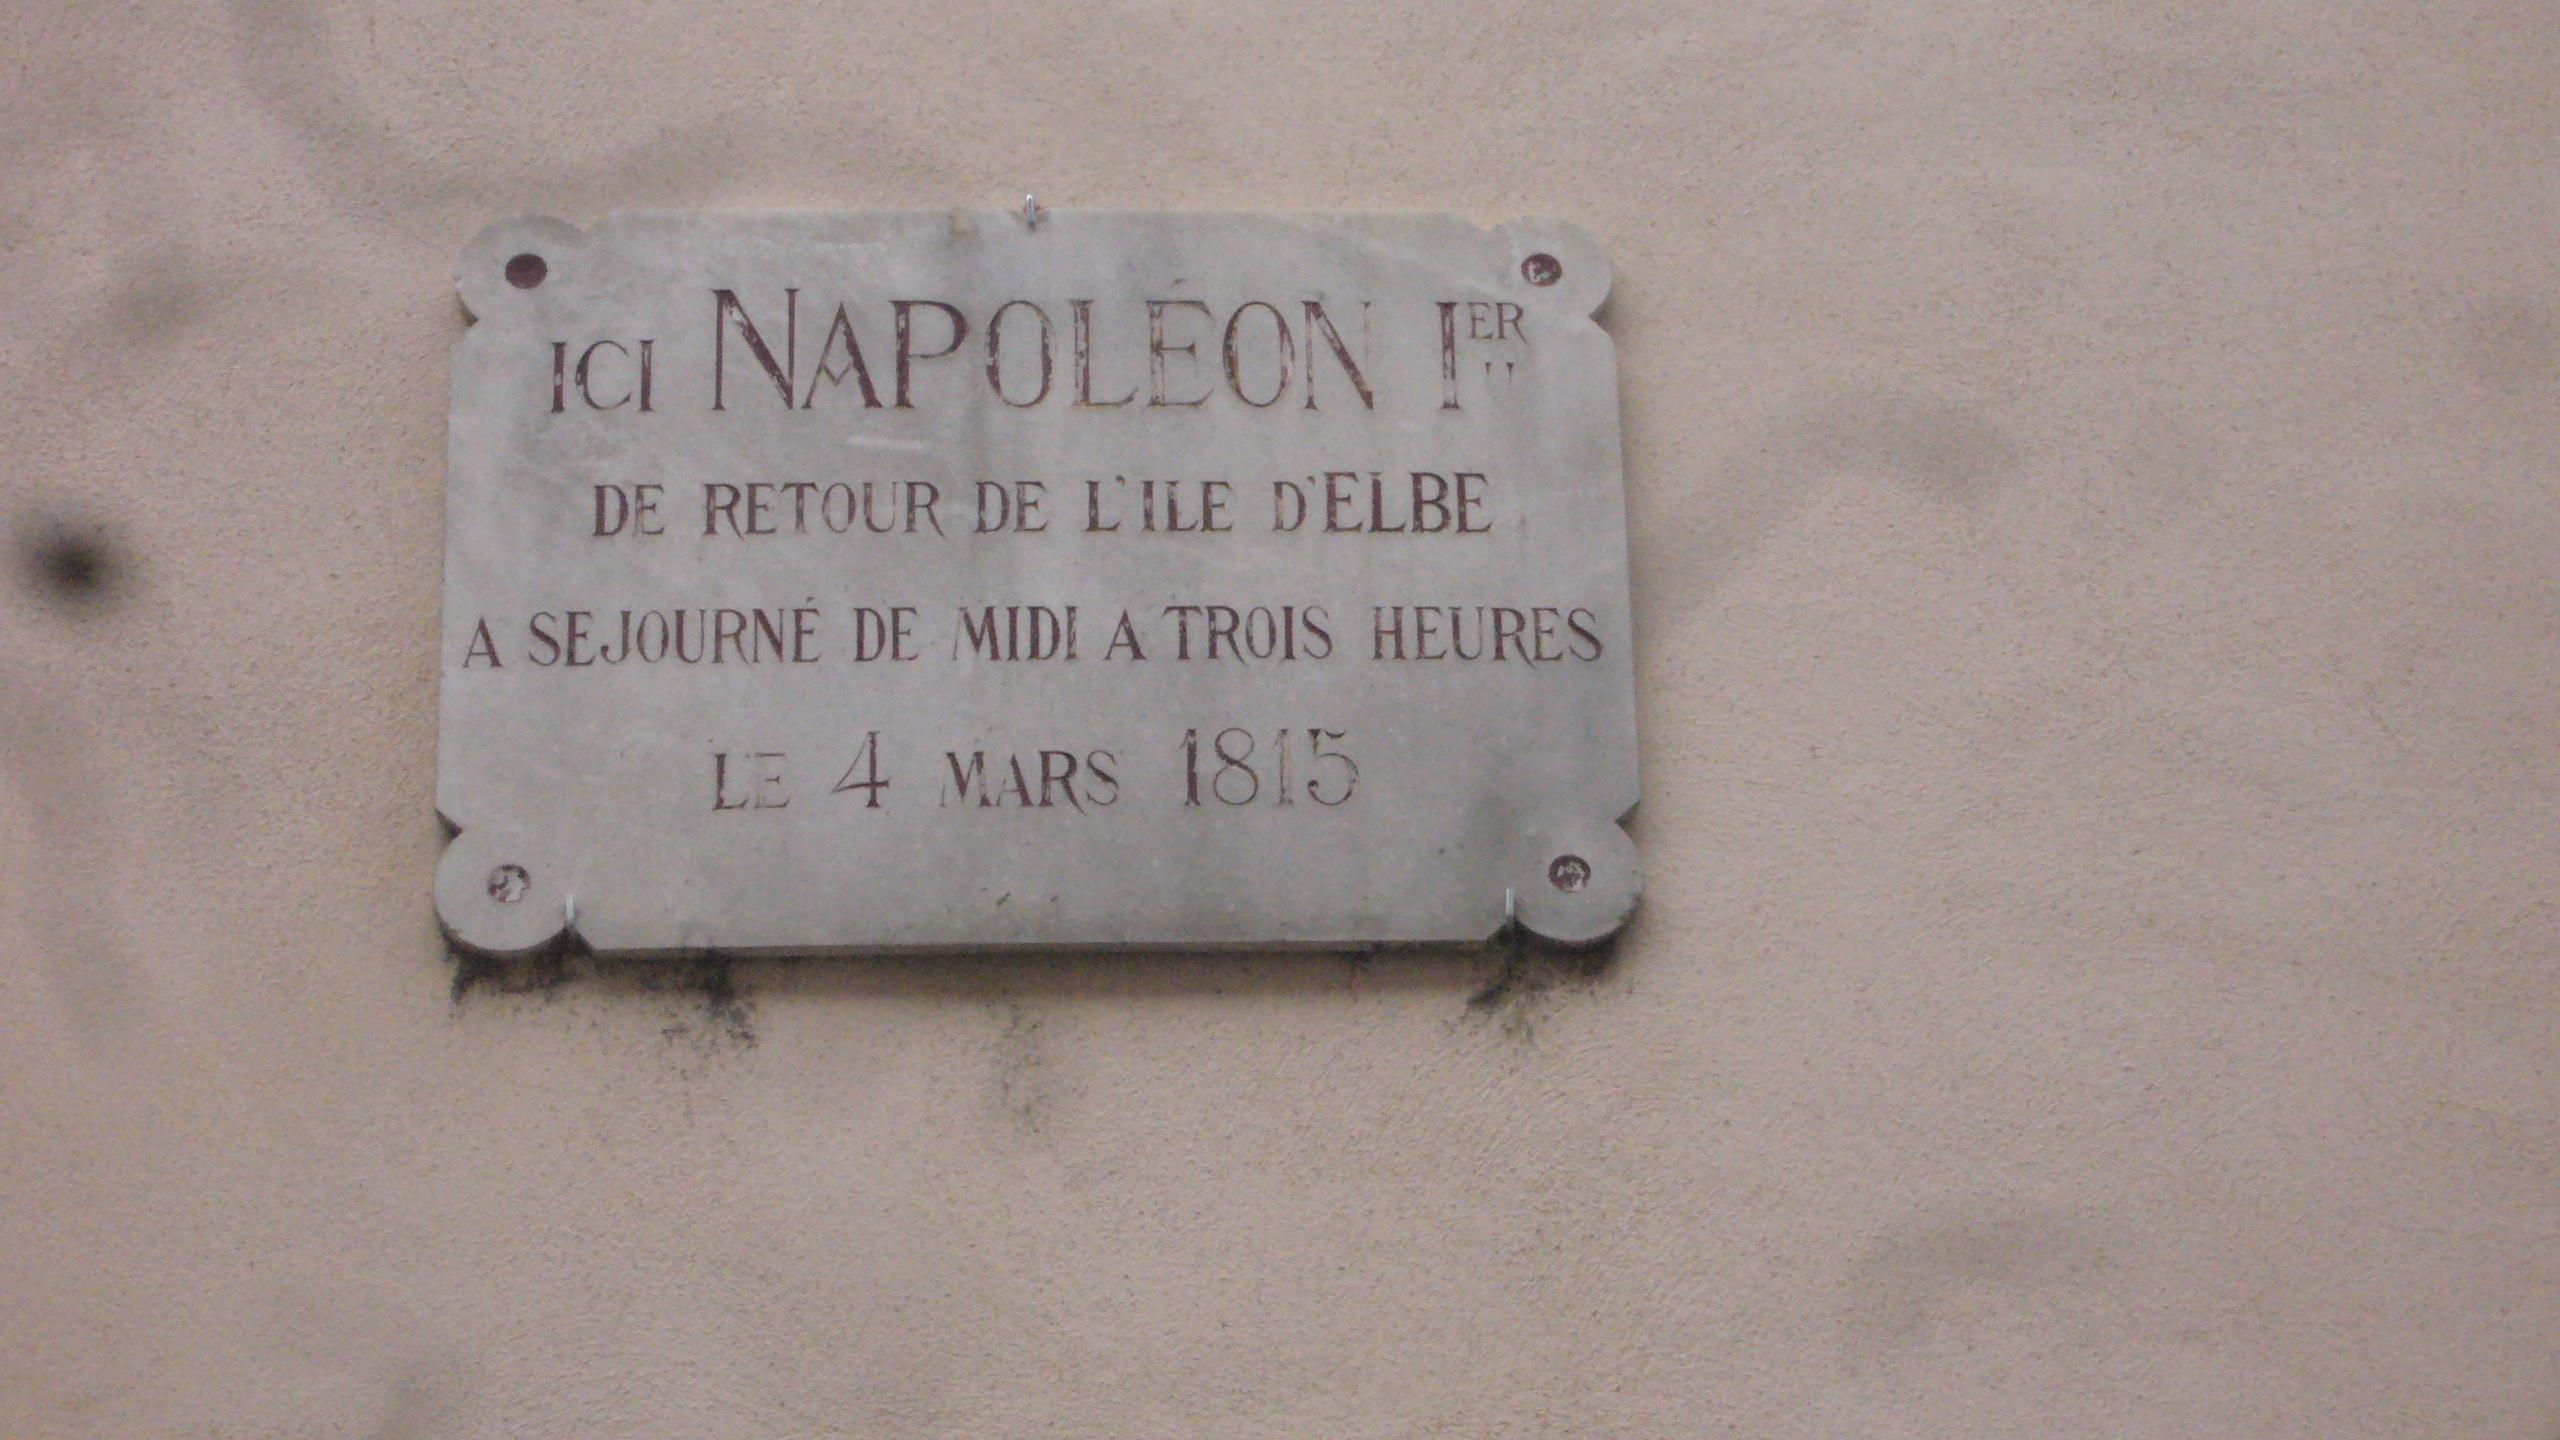 Sur les traces de Napoléon dans les Basse-Alpes, un documentaire et une exposition